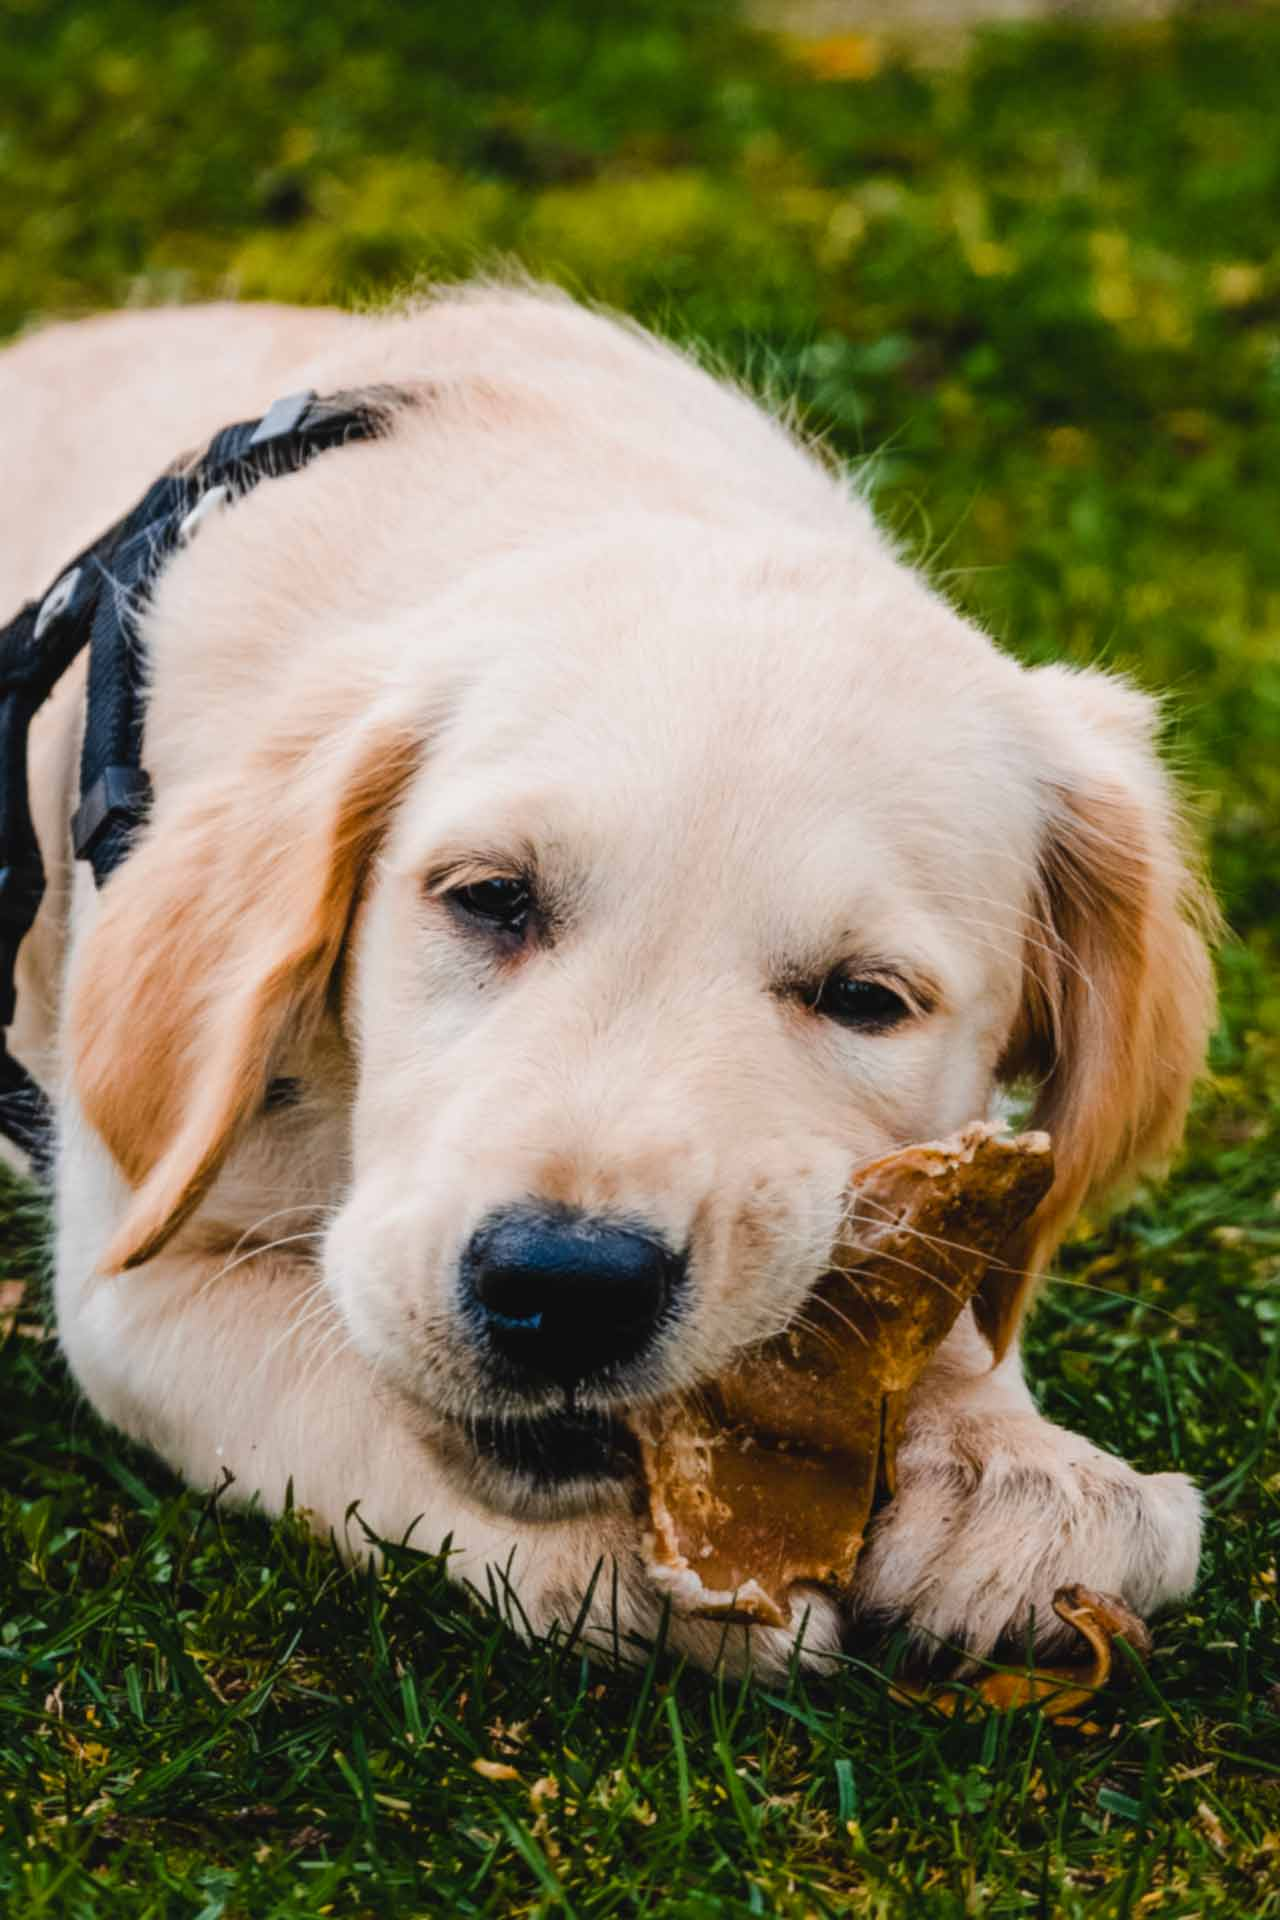 hundpunkt_hundeschule_muenster-ibbenbueren-welpen-knochen